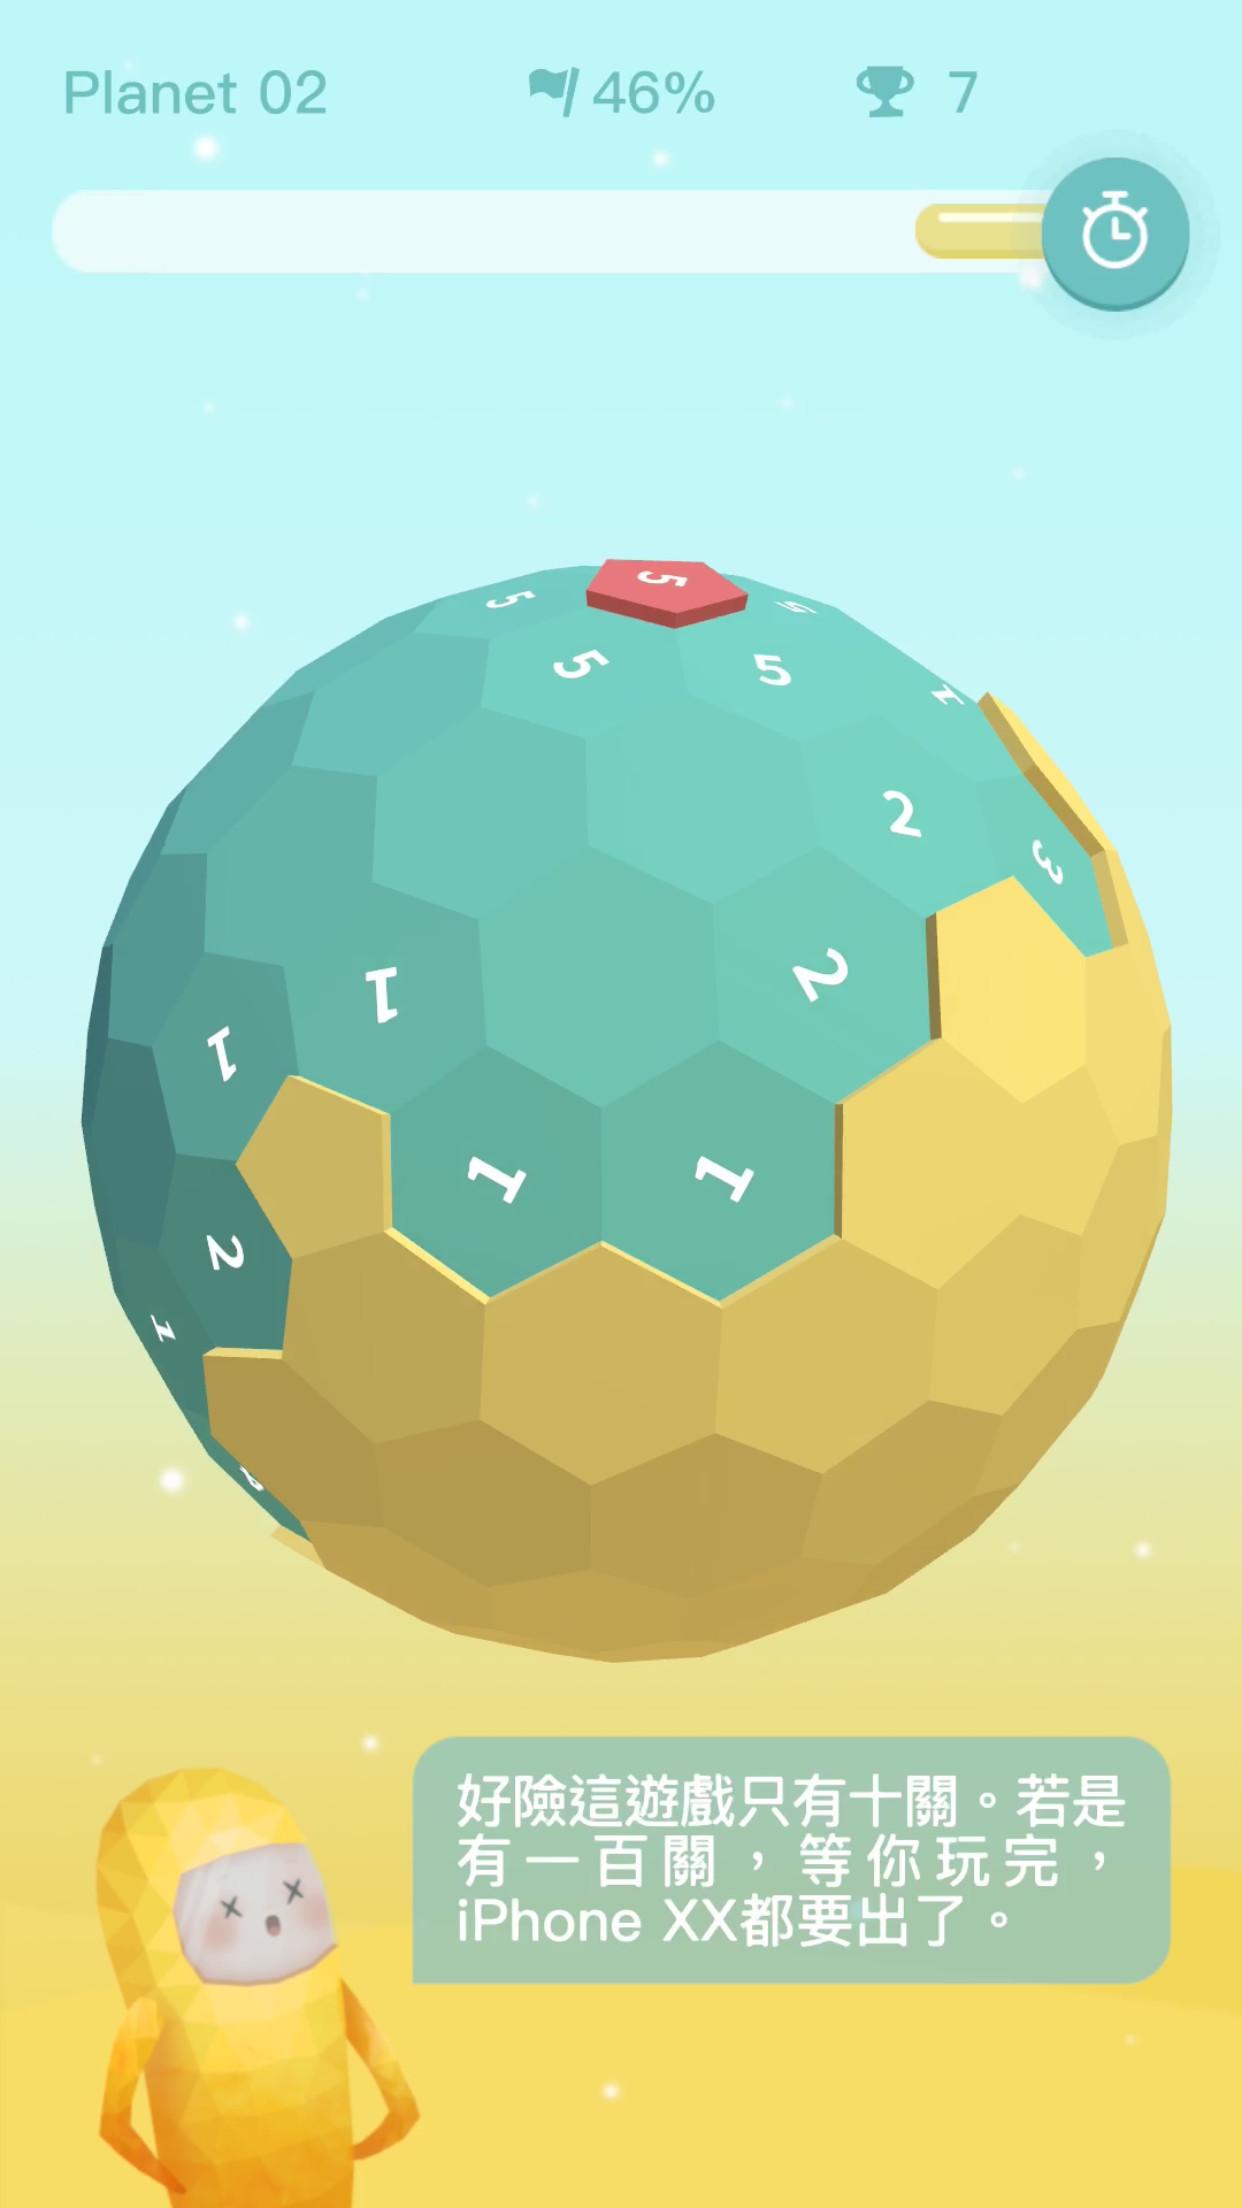 ▲《星球清潔公司》iPhoneXX 。(圖/翻攝自《星球清潔公司》遊戲畫面)